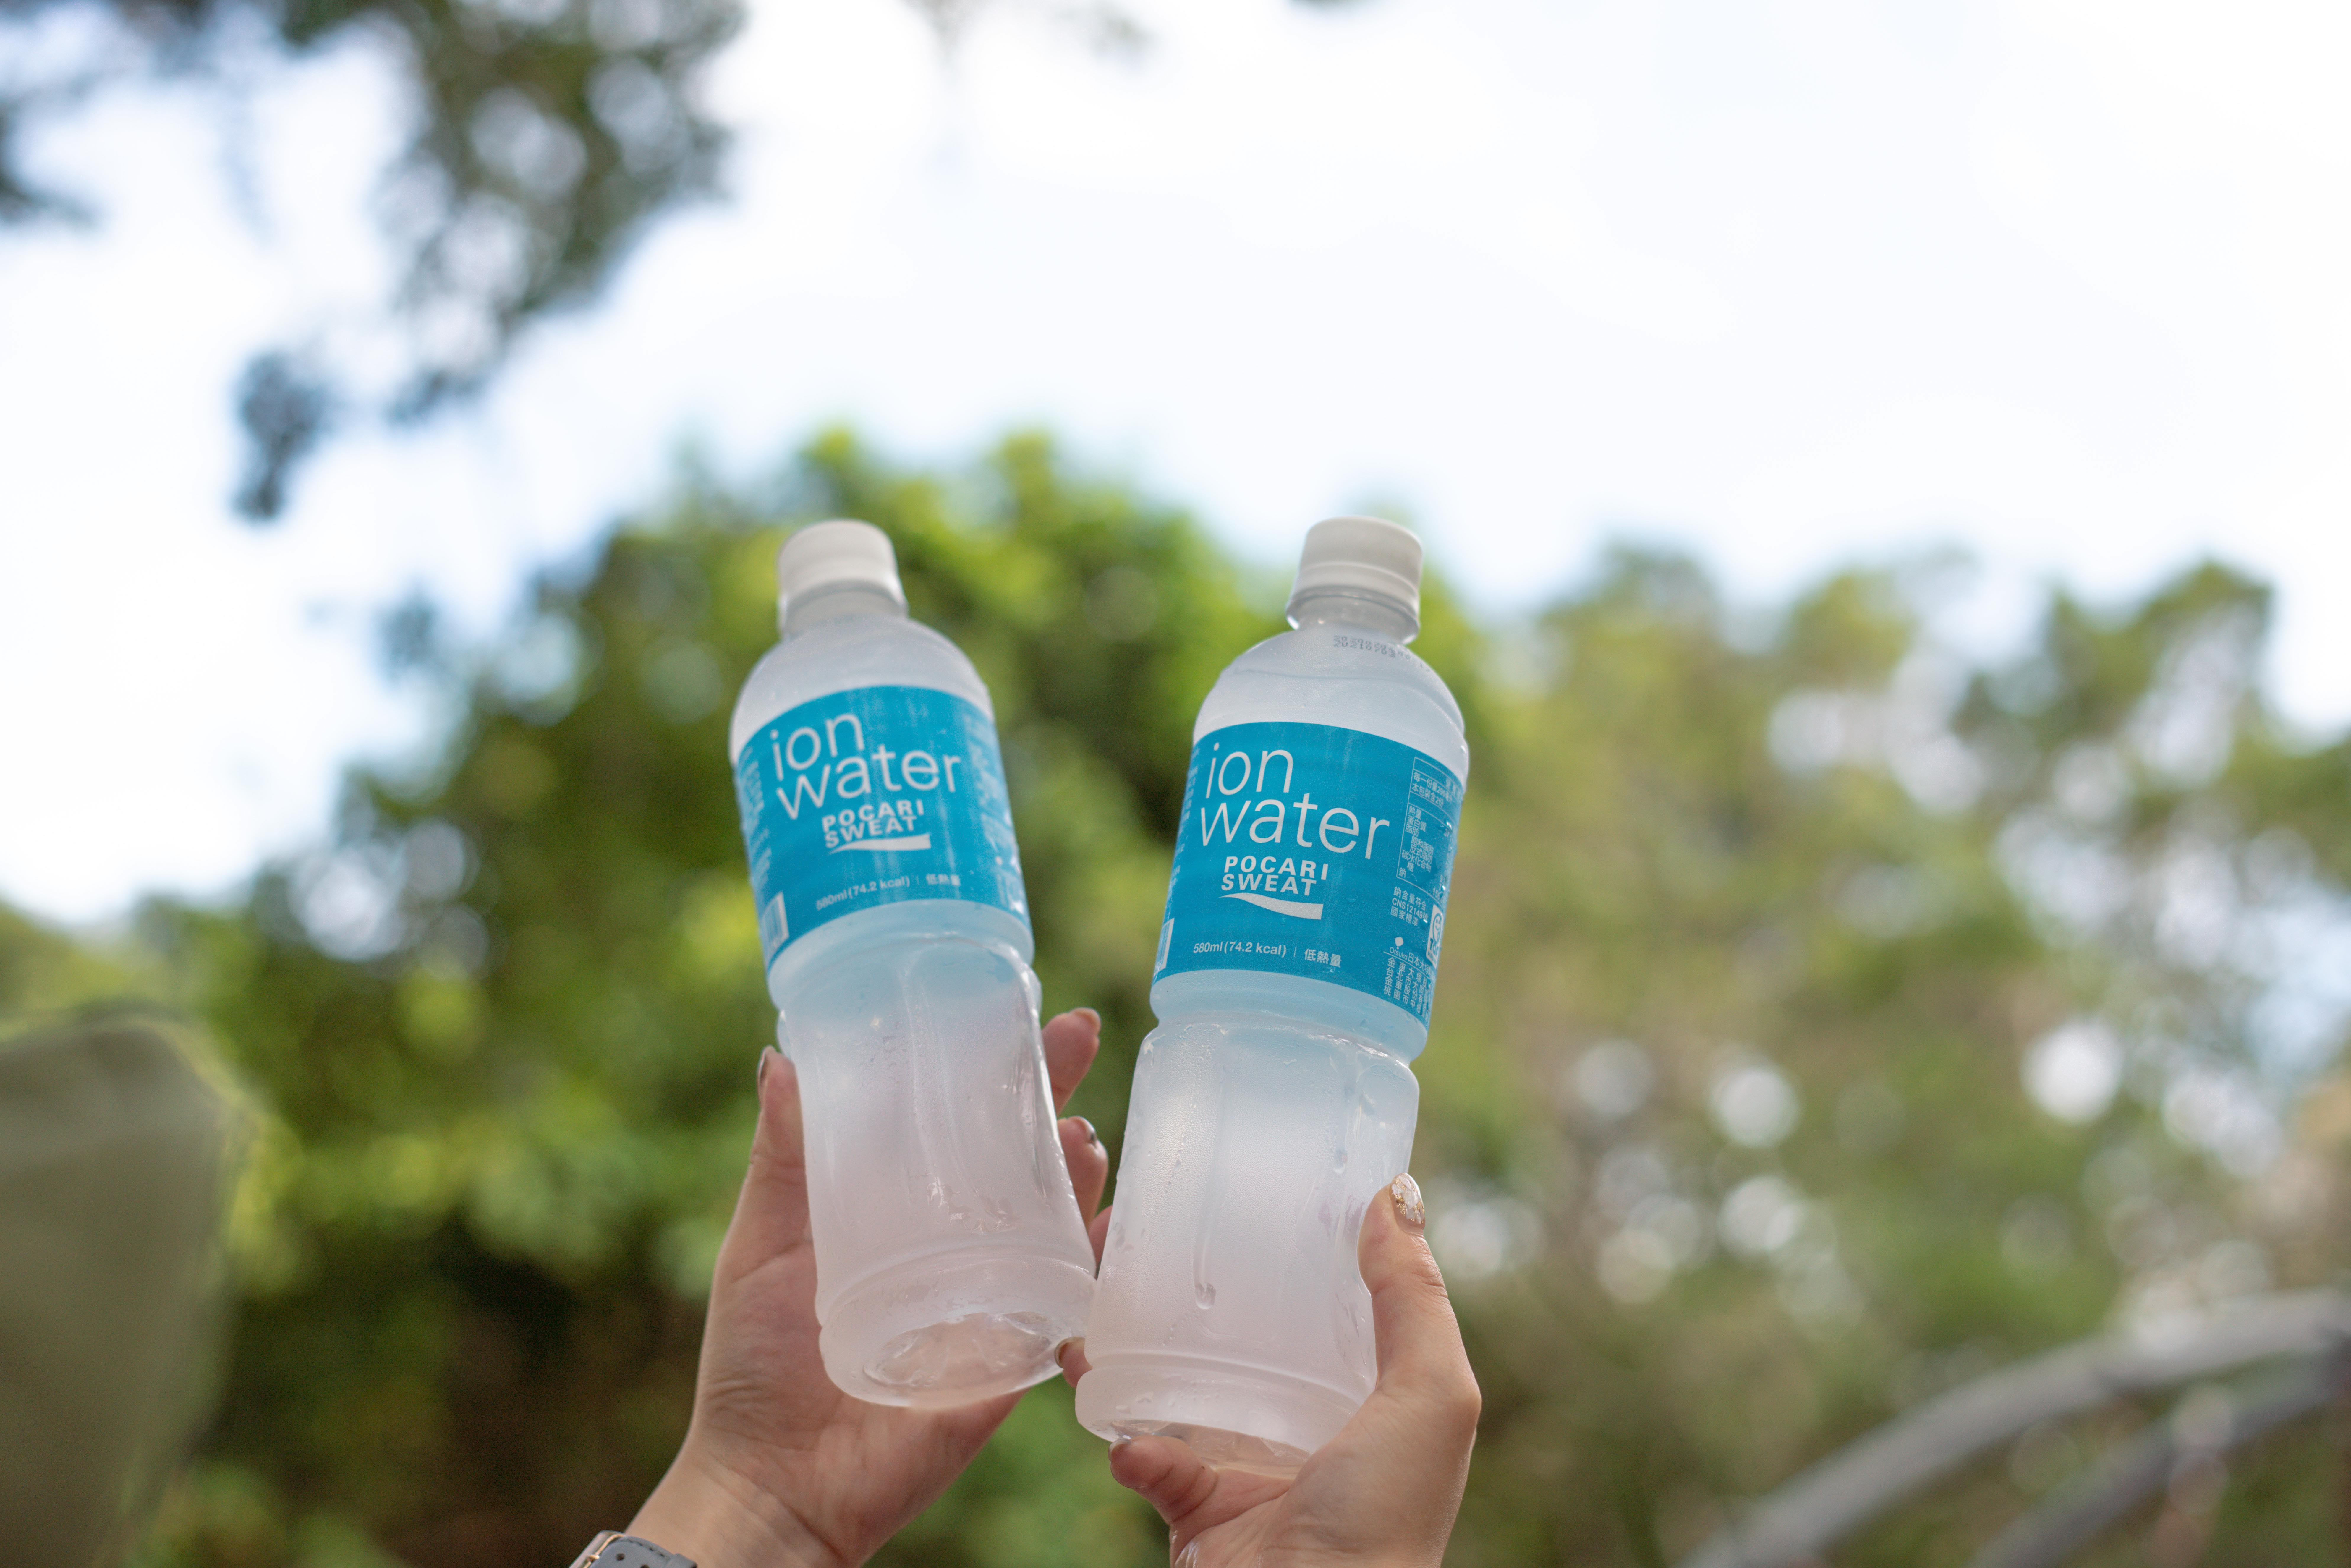 寶礦力水得 ion water